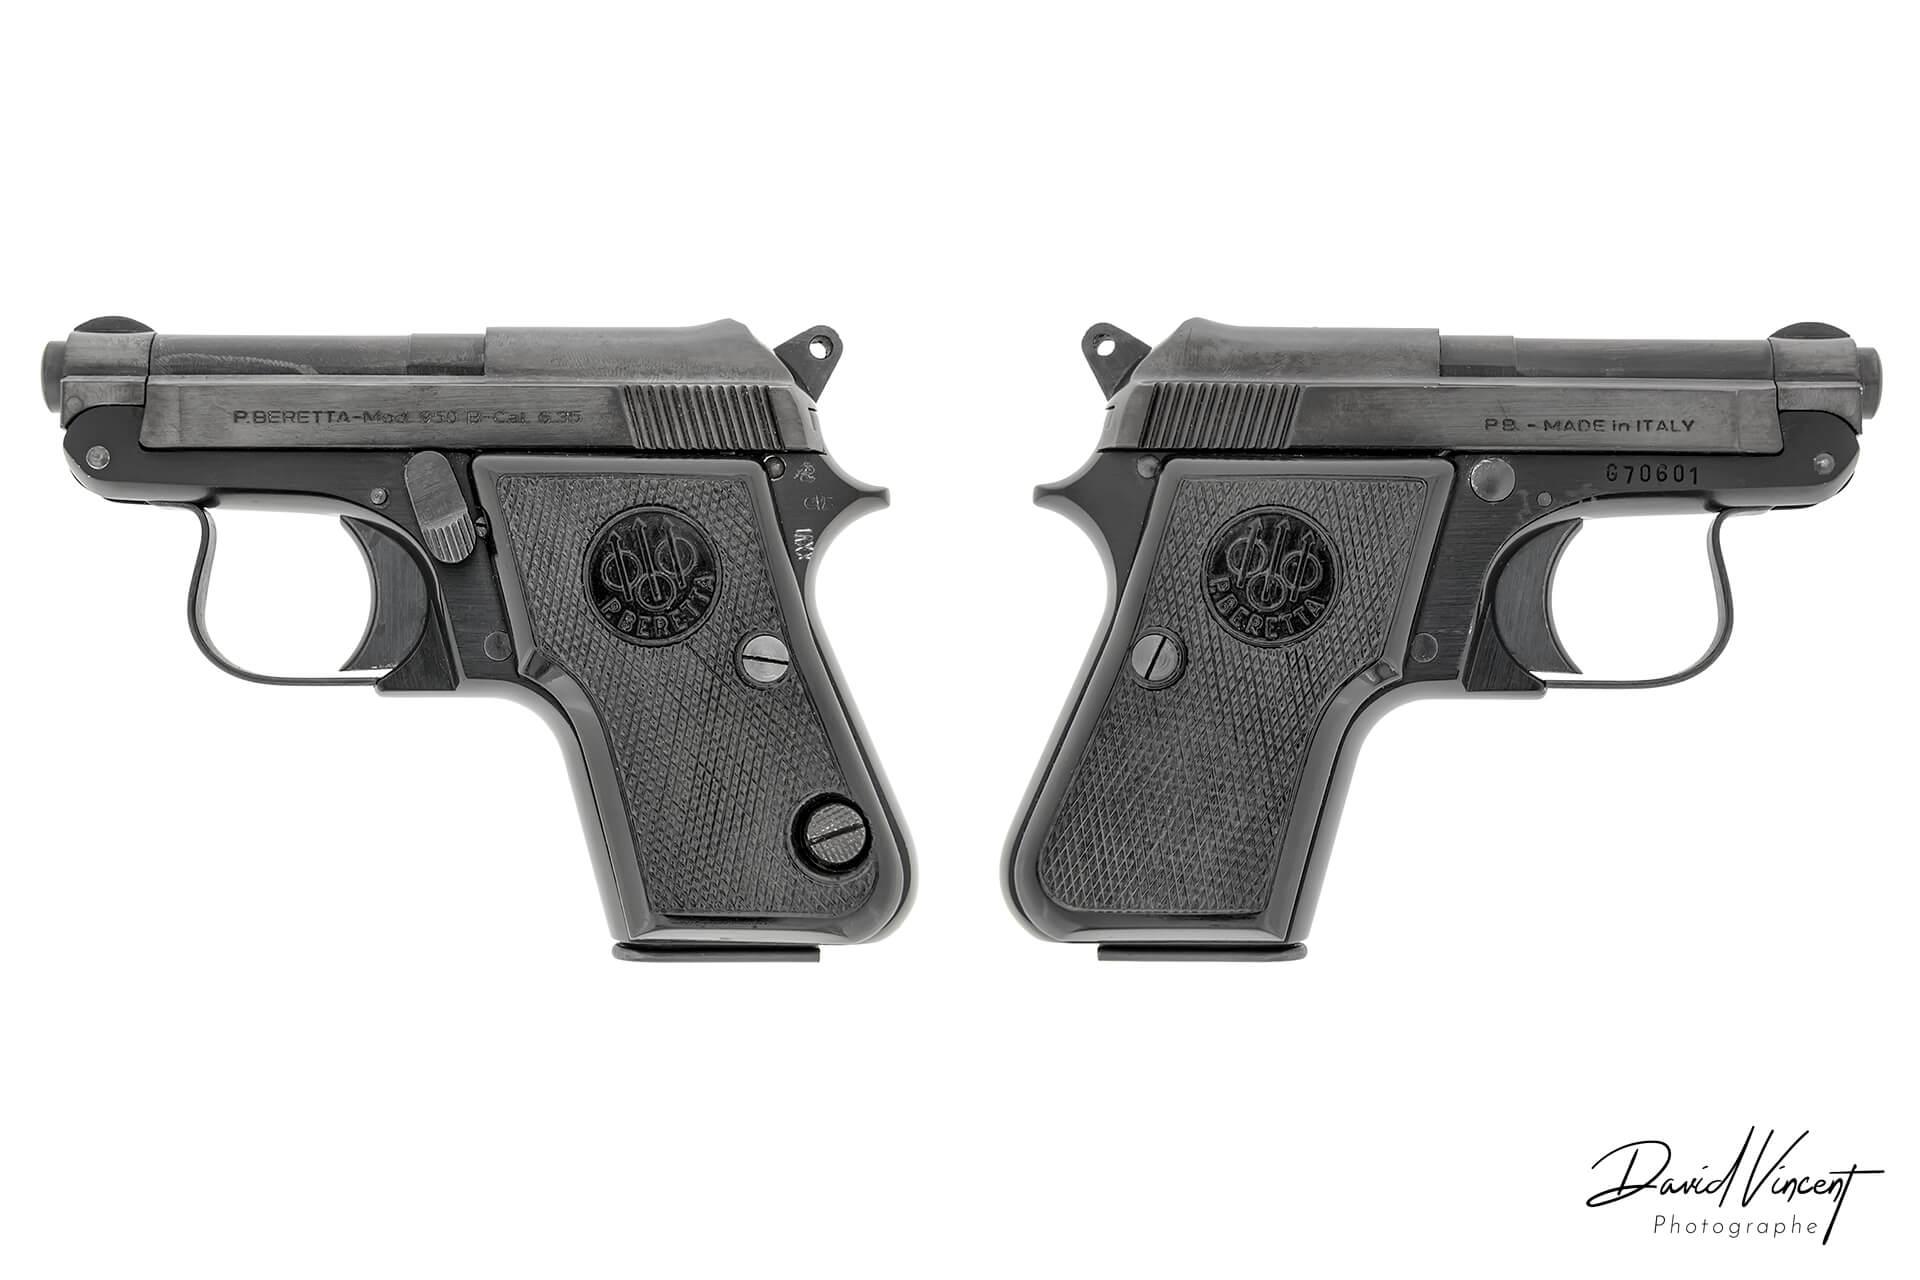 Beretta 950 - Photographe d'armes à feu